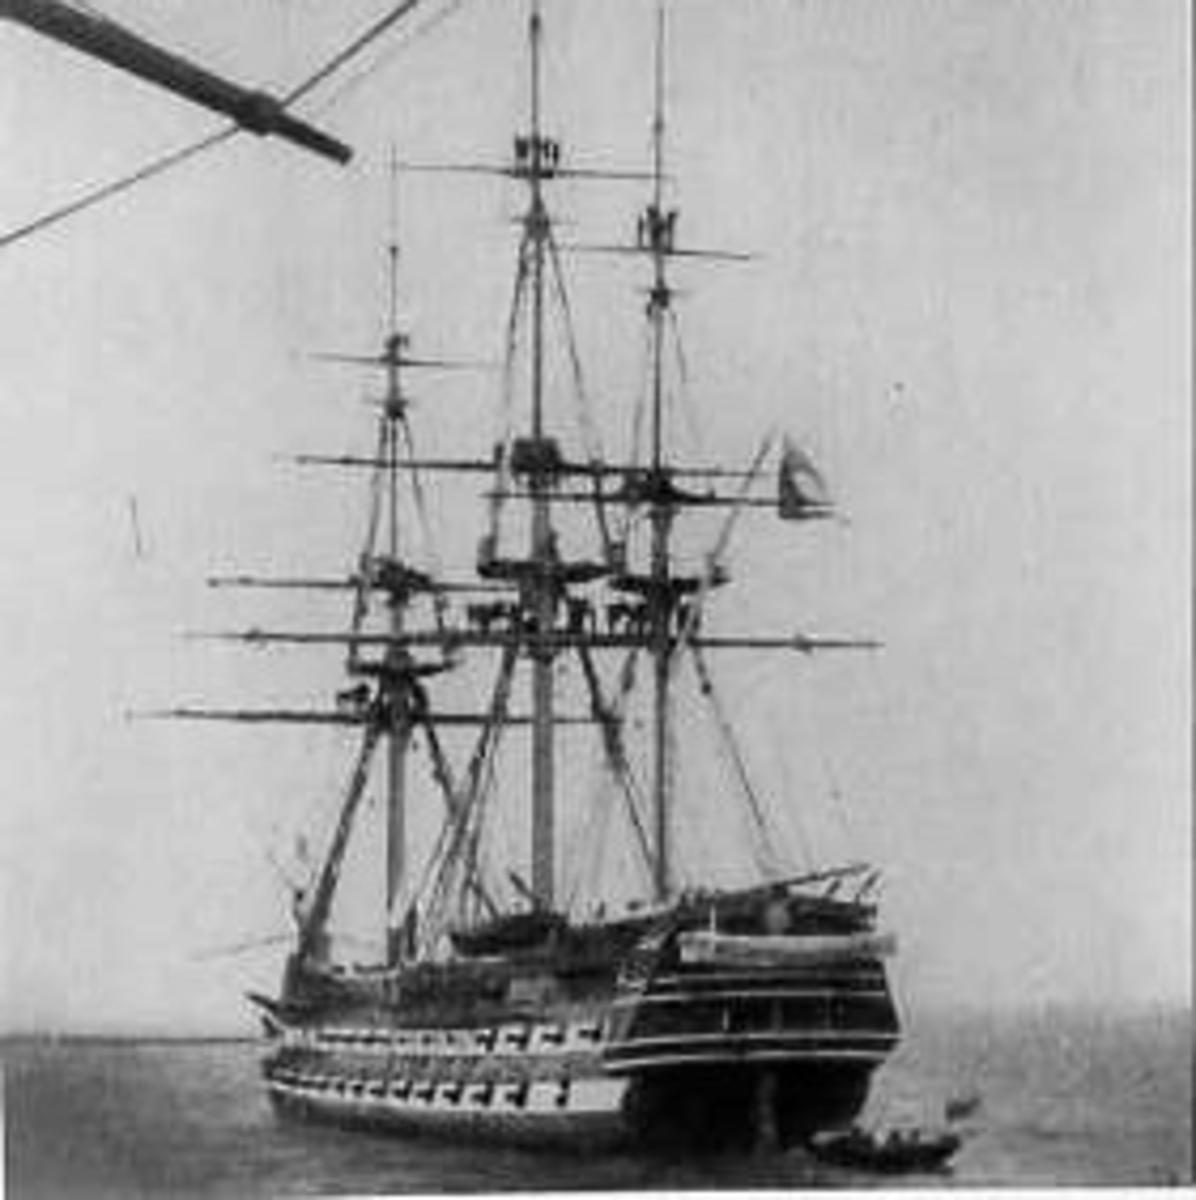 CARL XIV JOHAN (1824)